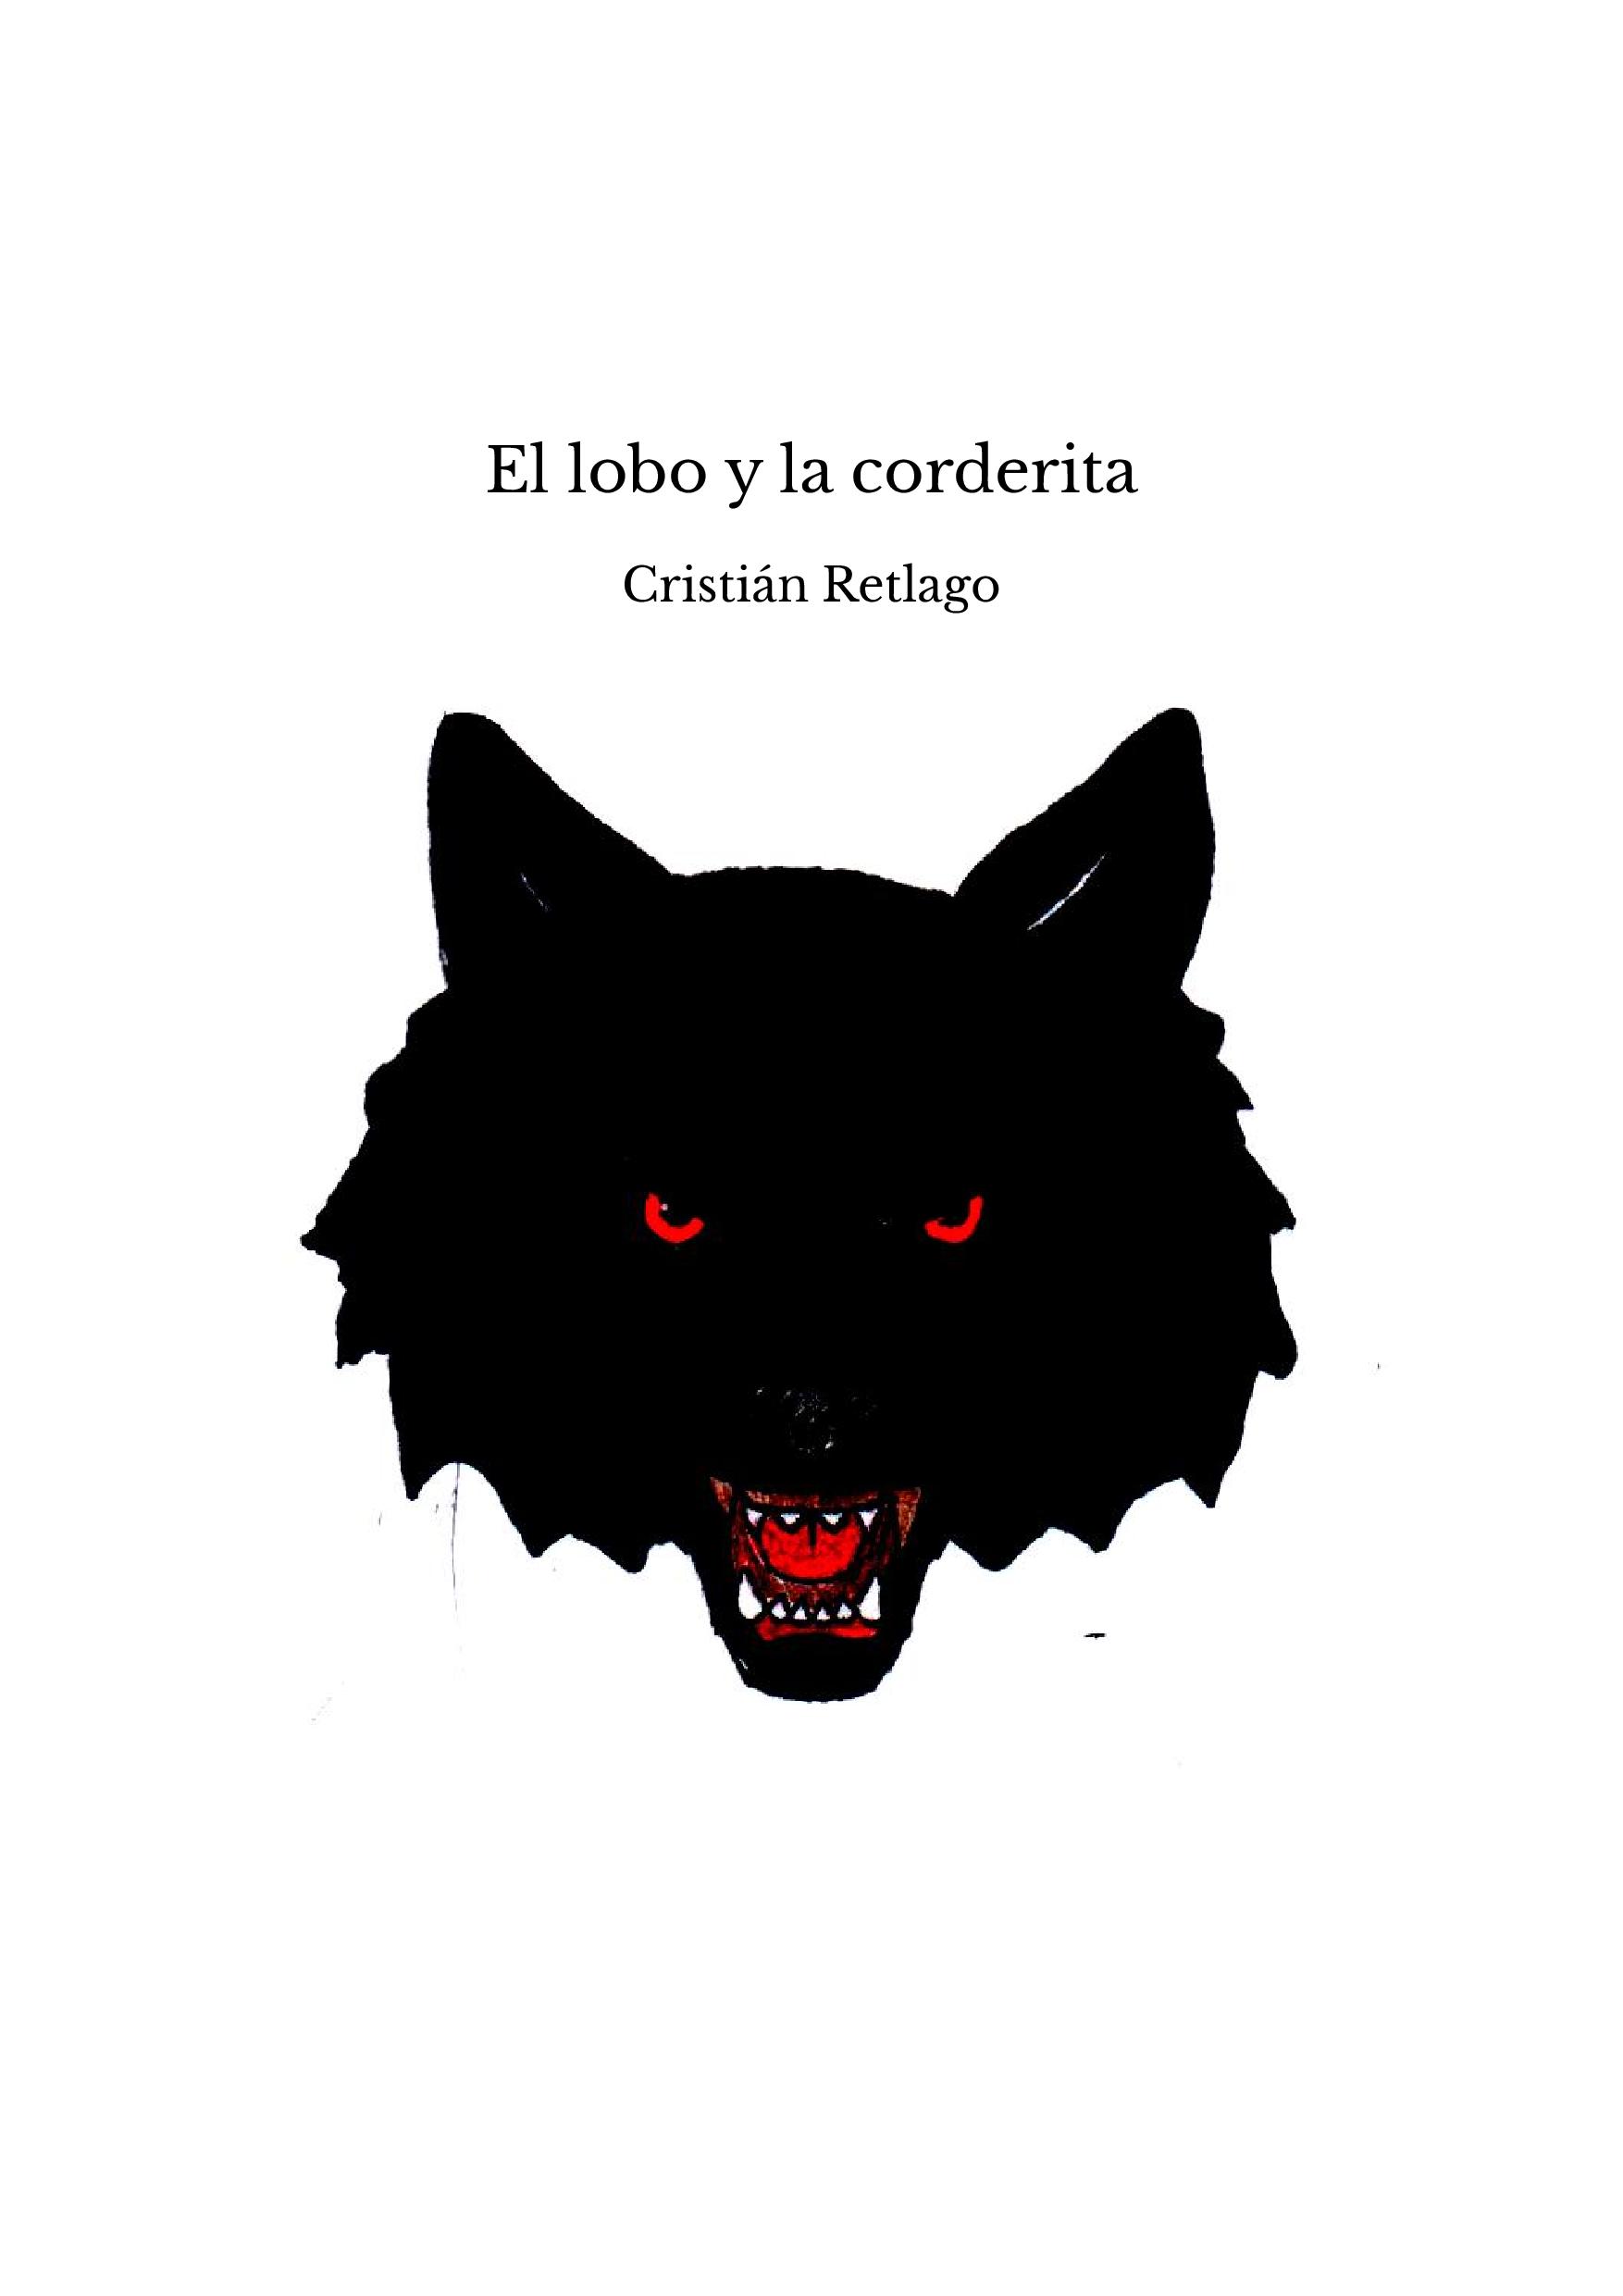 El lobo y la corderita